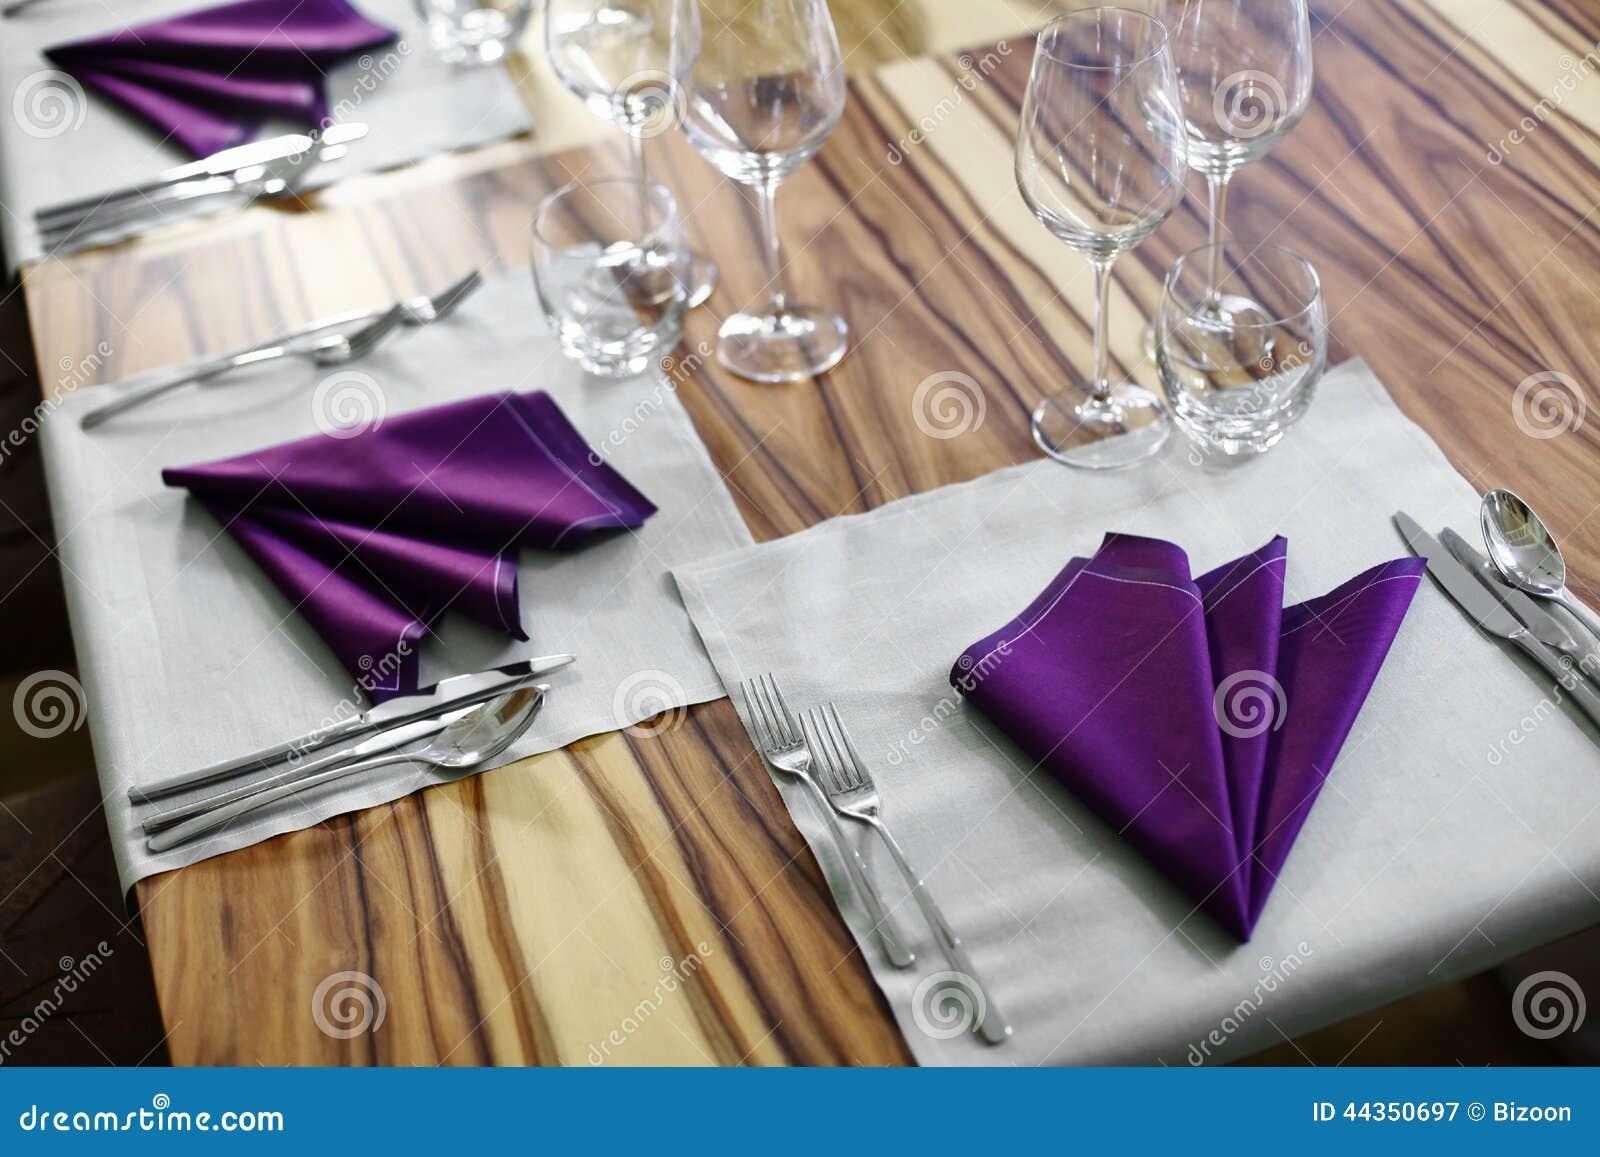 Pranzo in un ristorante